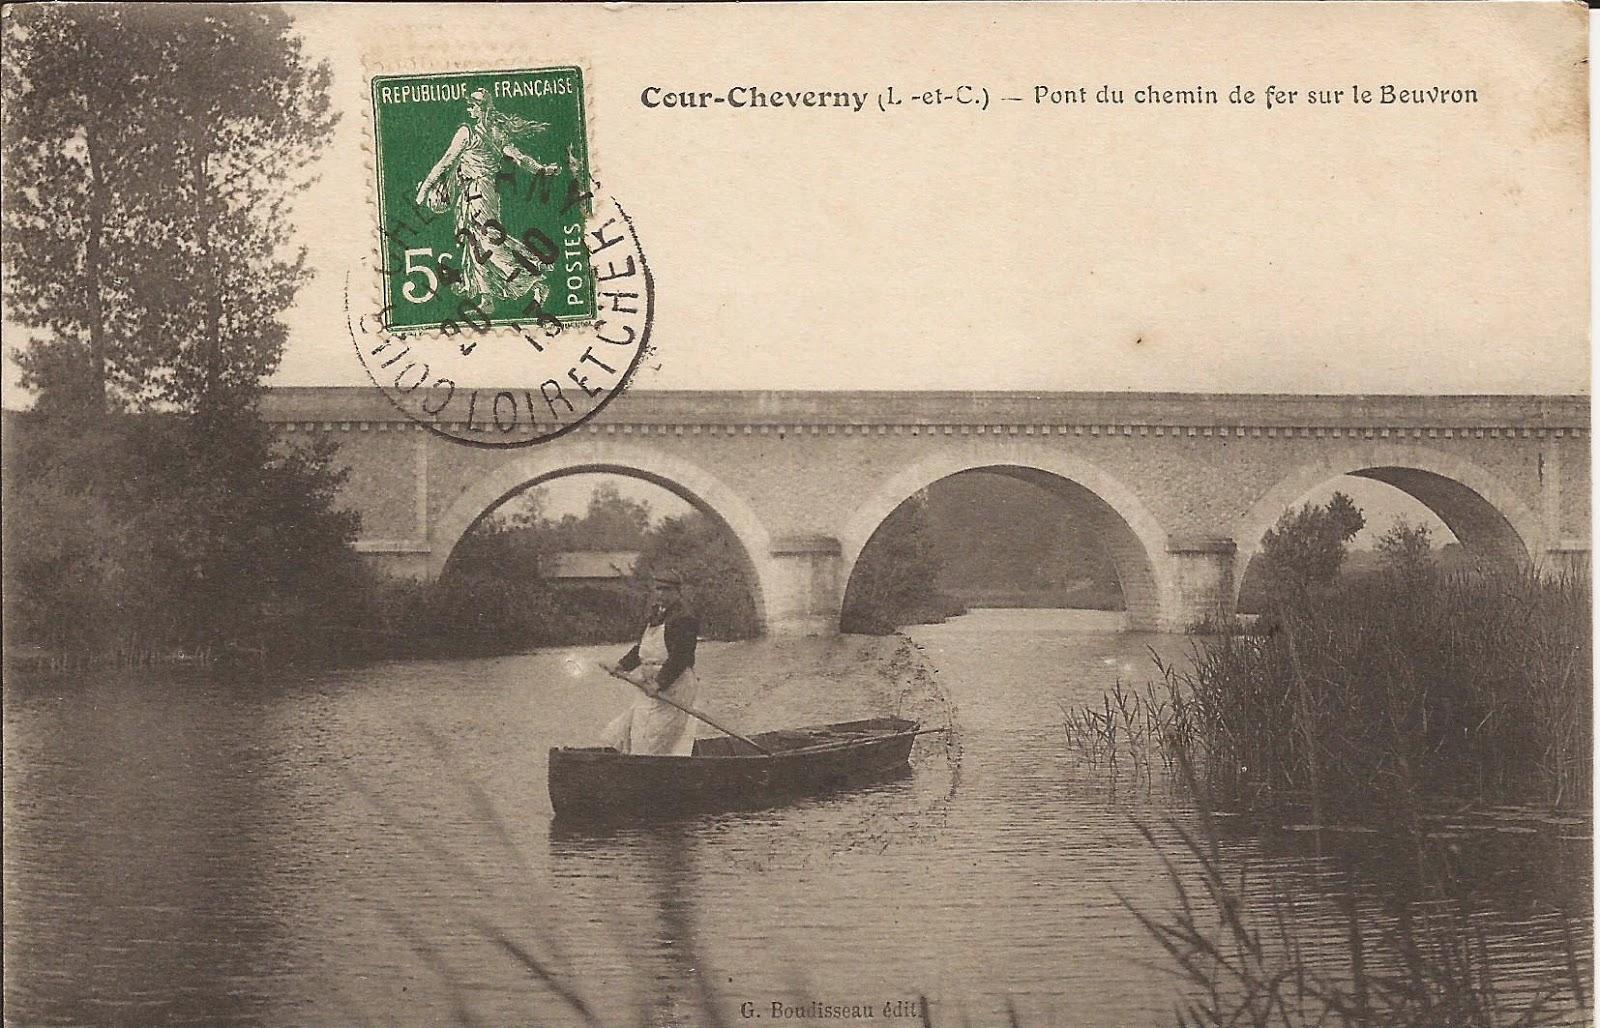 Pont du chemin de fer sur le Beuvron - Cour-Cheverny